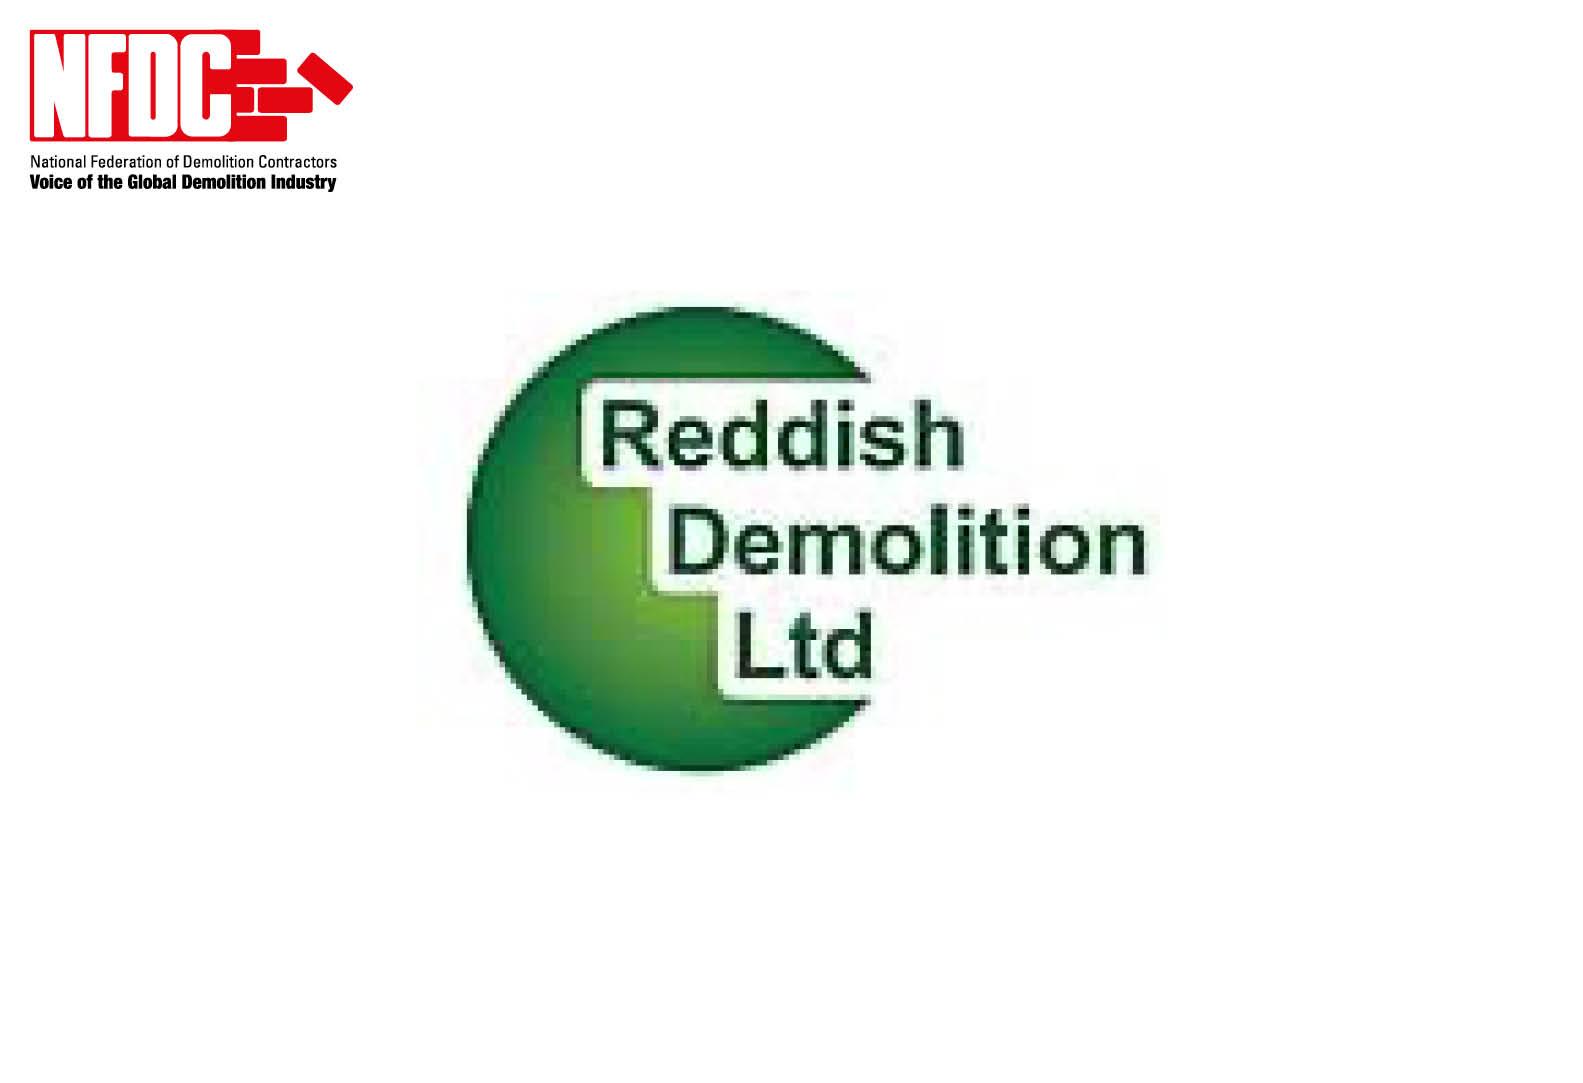 Reddish Demolition